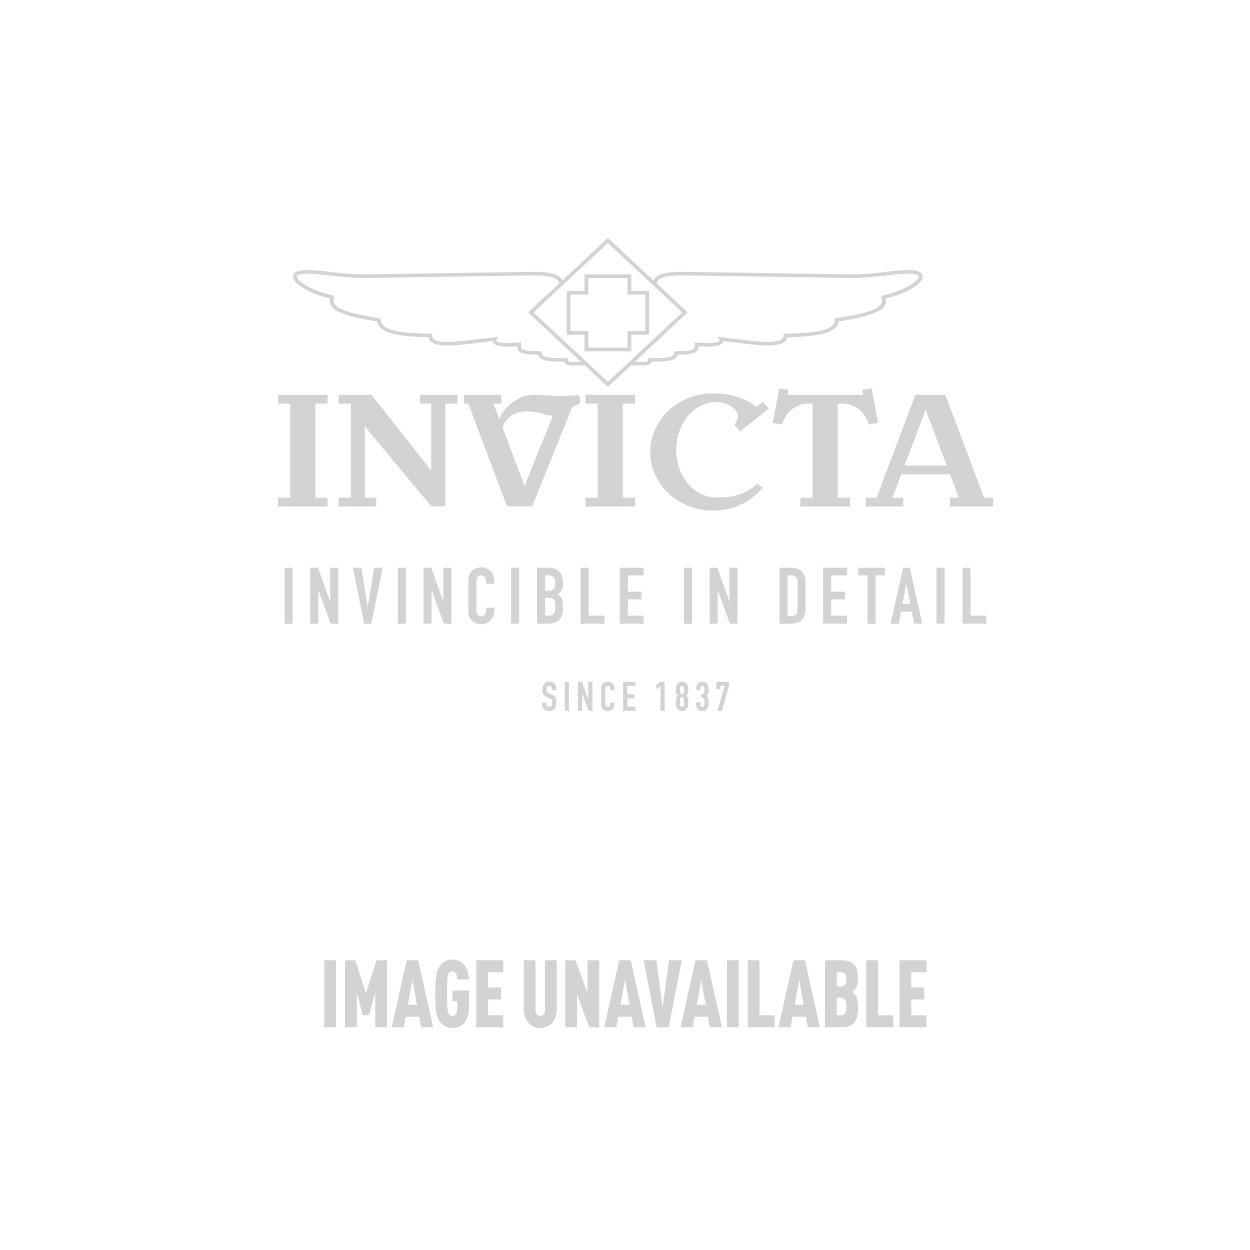 Invicta Model 27831